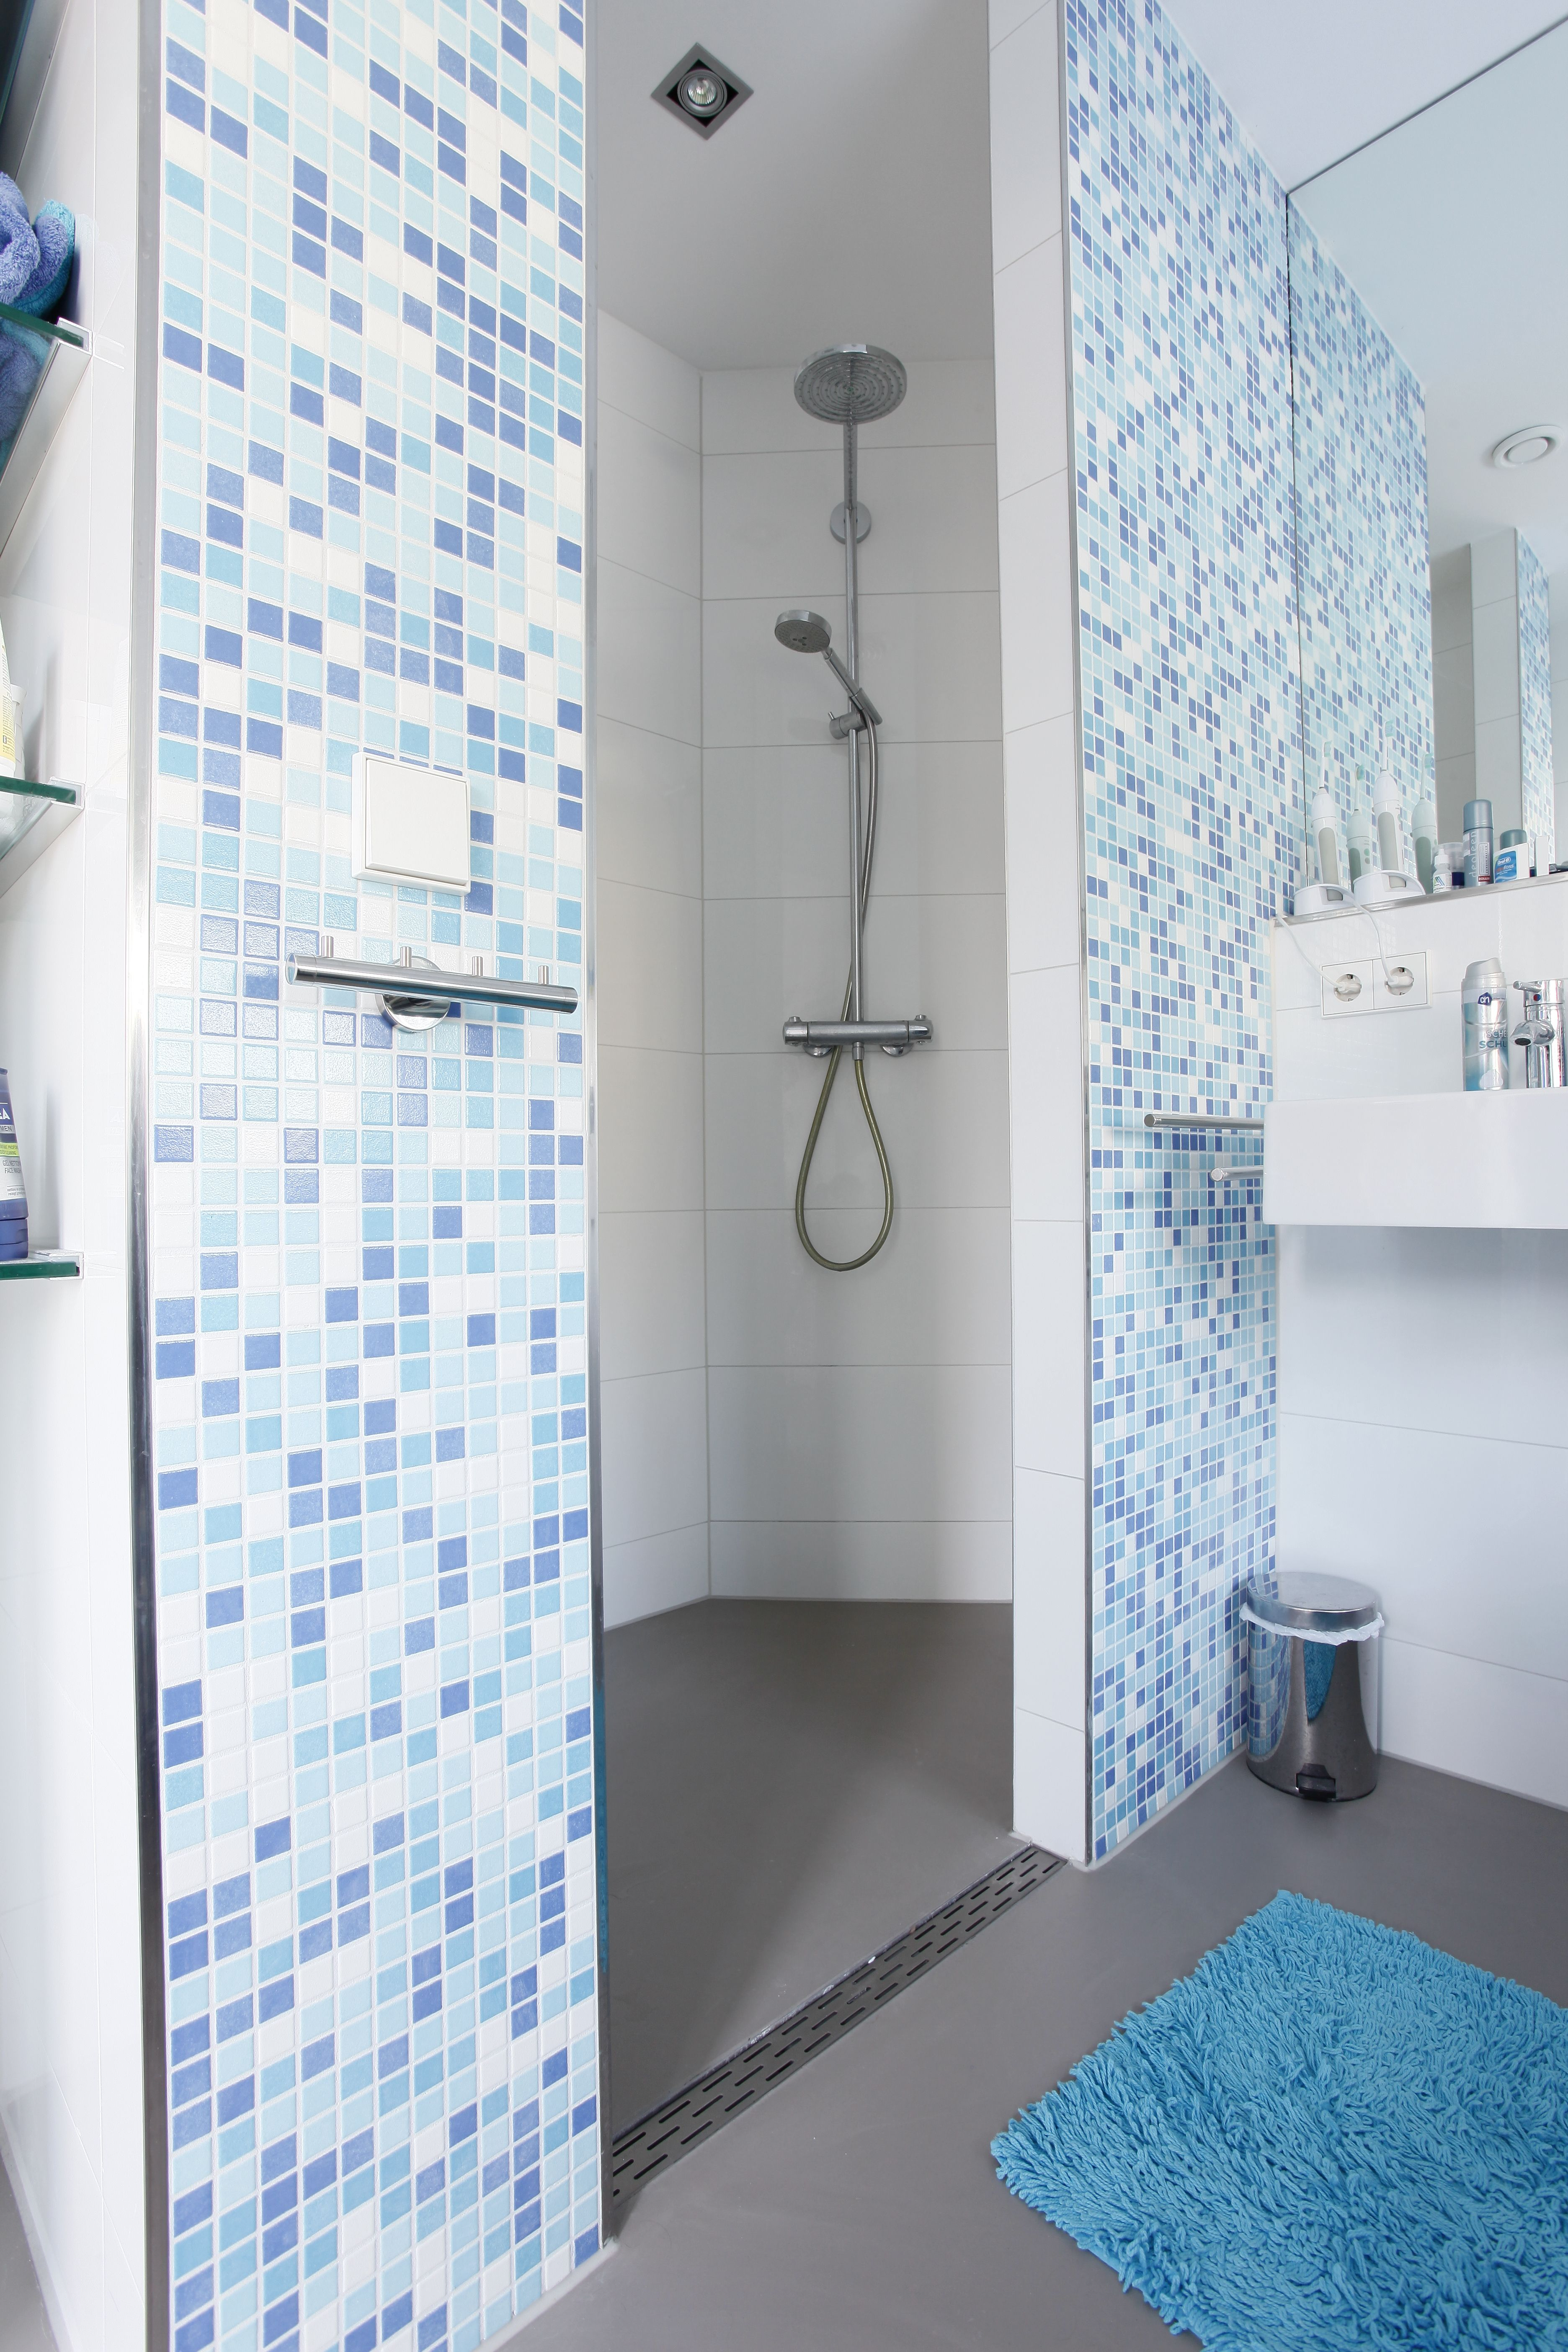 polyurethaan gietvloeren zijn uiterst geschikt voor badkamers